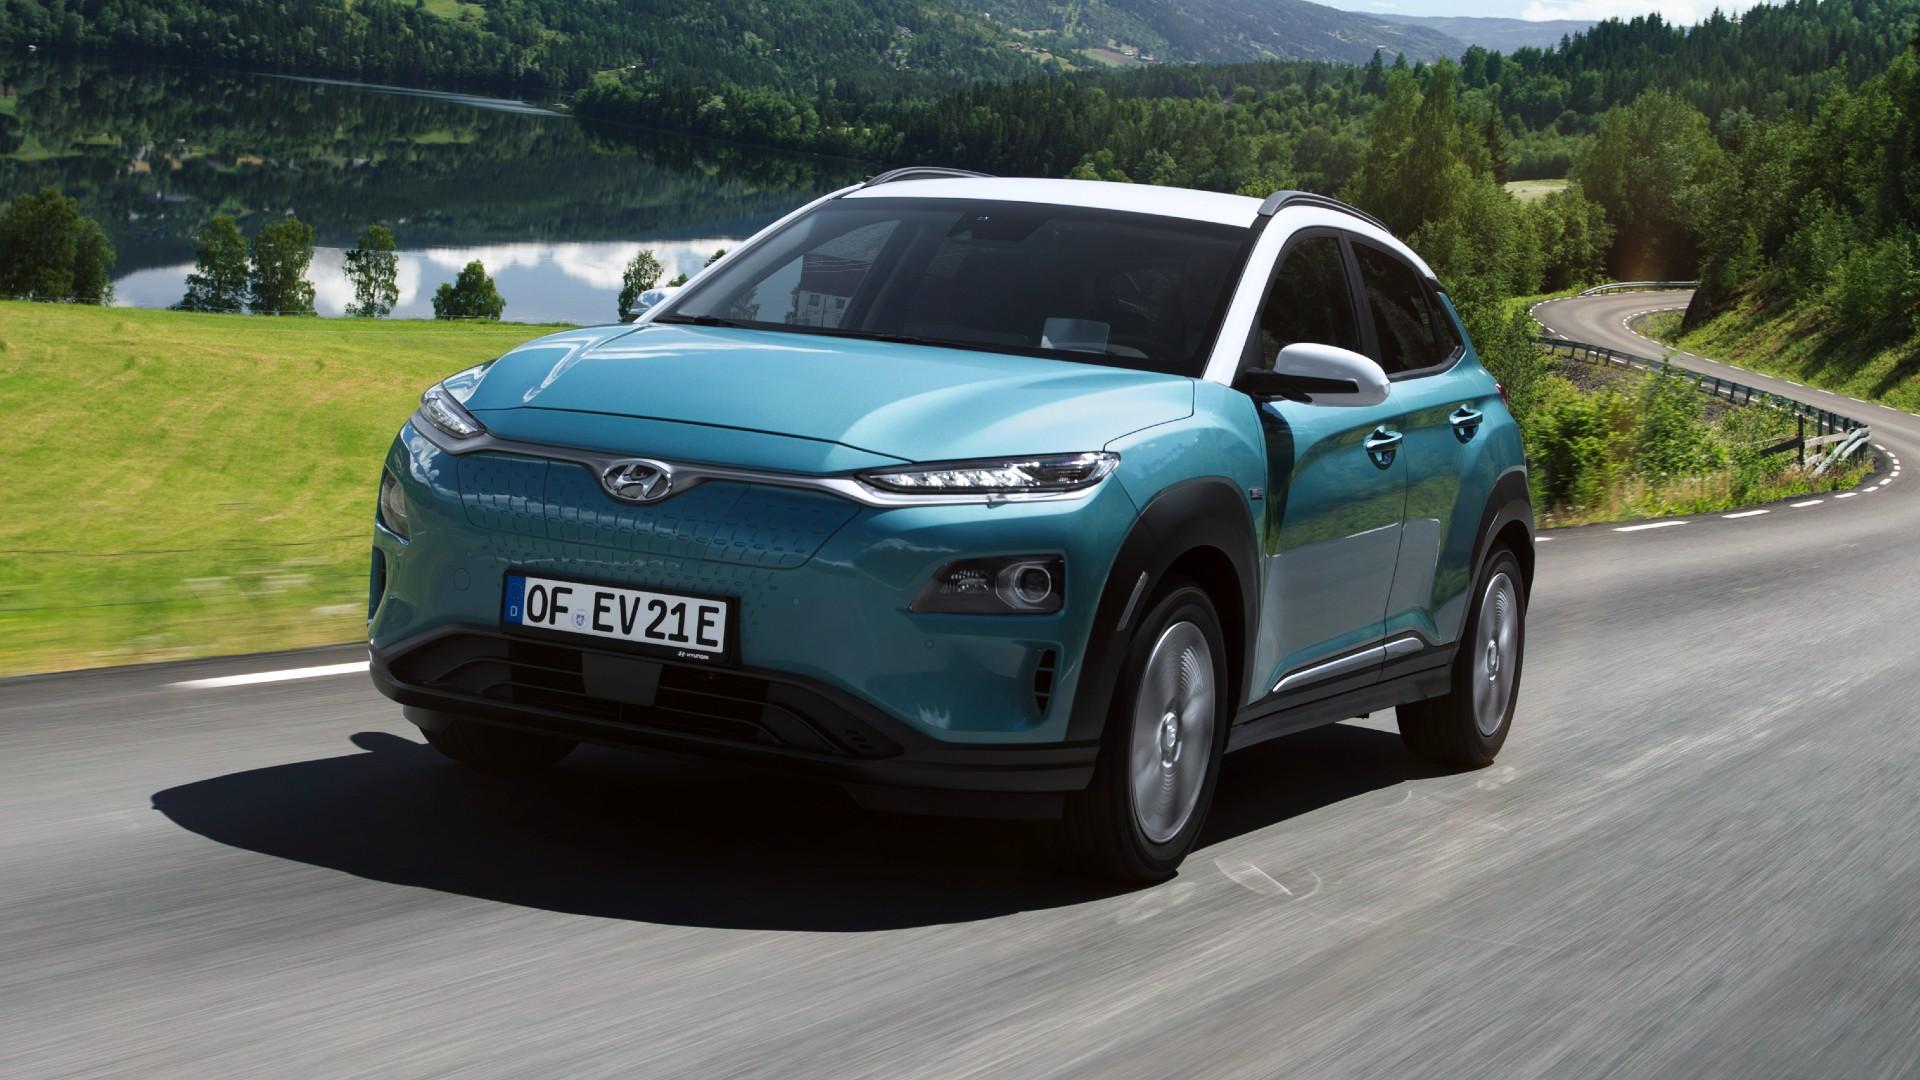 Πόσο κοστίζει το ηλεκτρικό Hyundai Kona;